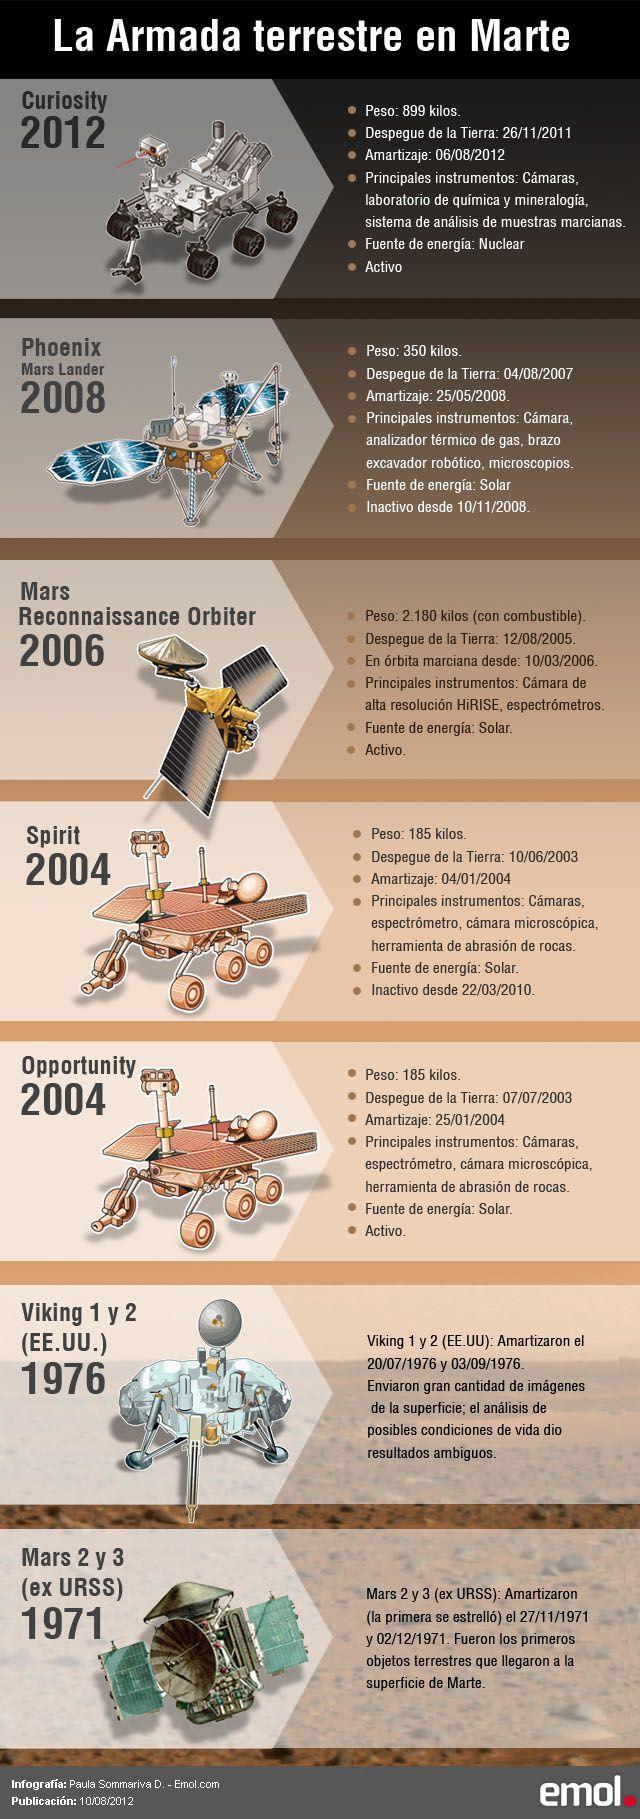 La armada terrestre en Marte